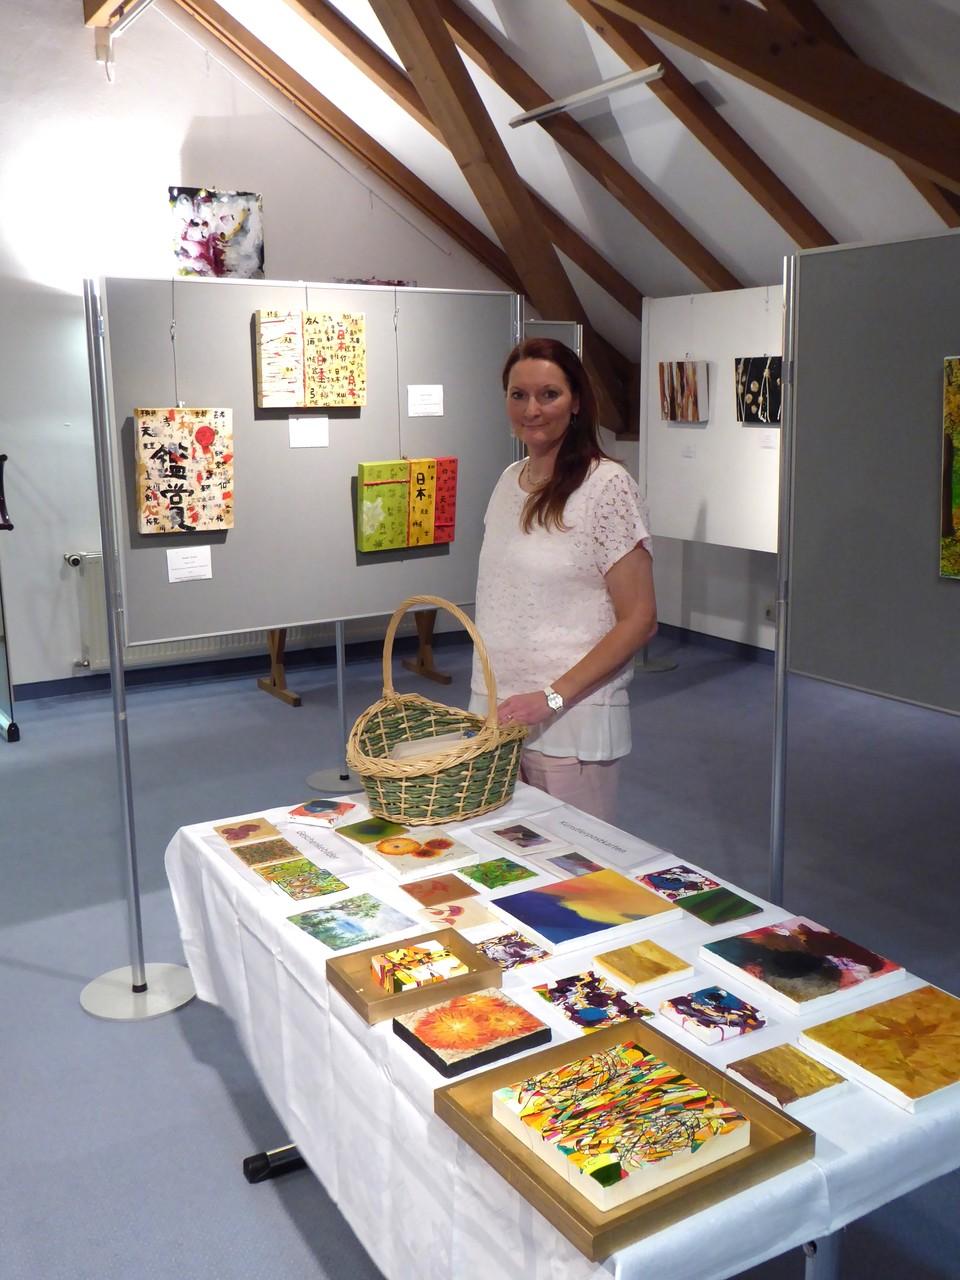 Der Tisch mit dem Postkartenkörbchen und den Geschenkebildern